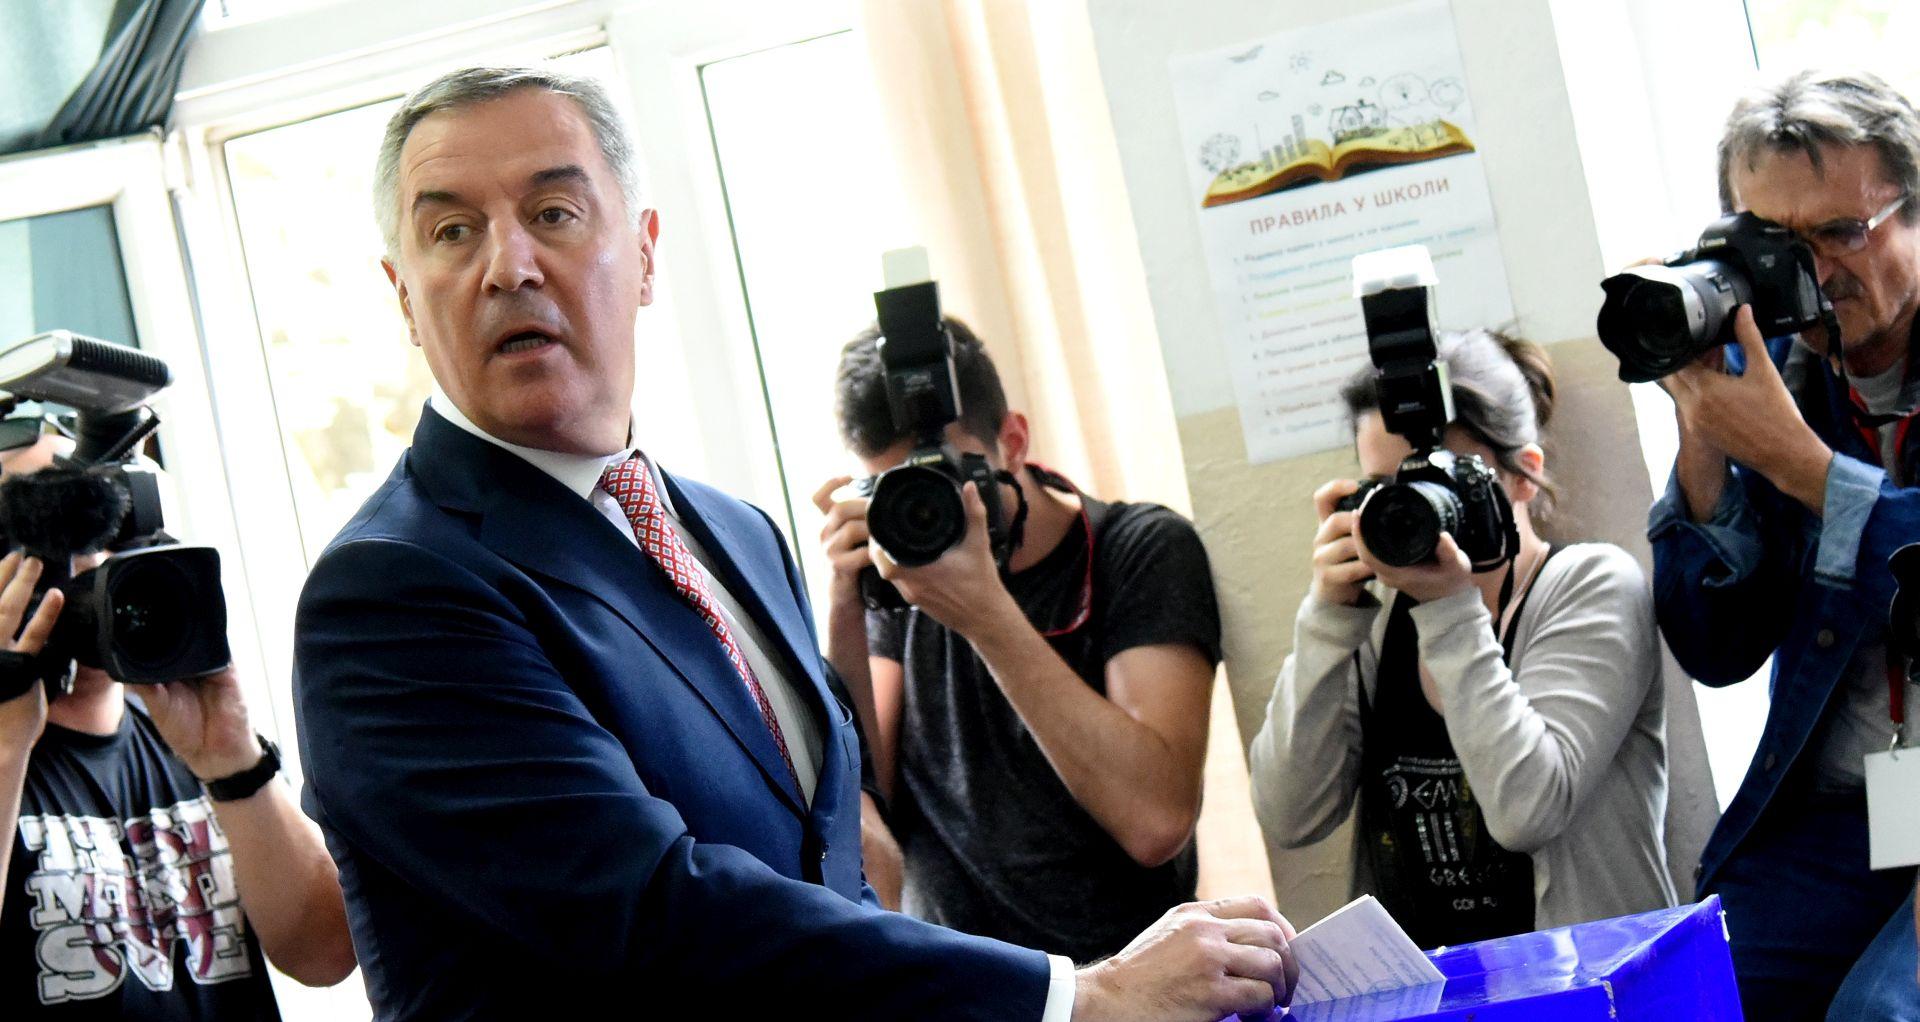 Đukanović proglasio pobjedu u prvom krugu